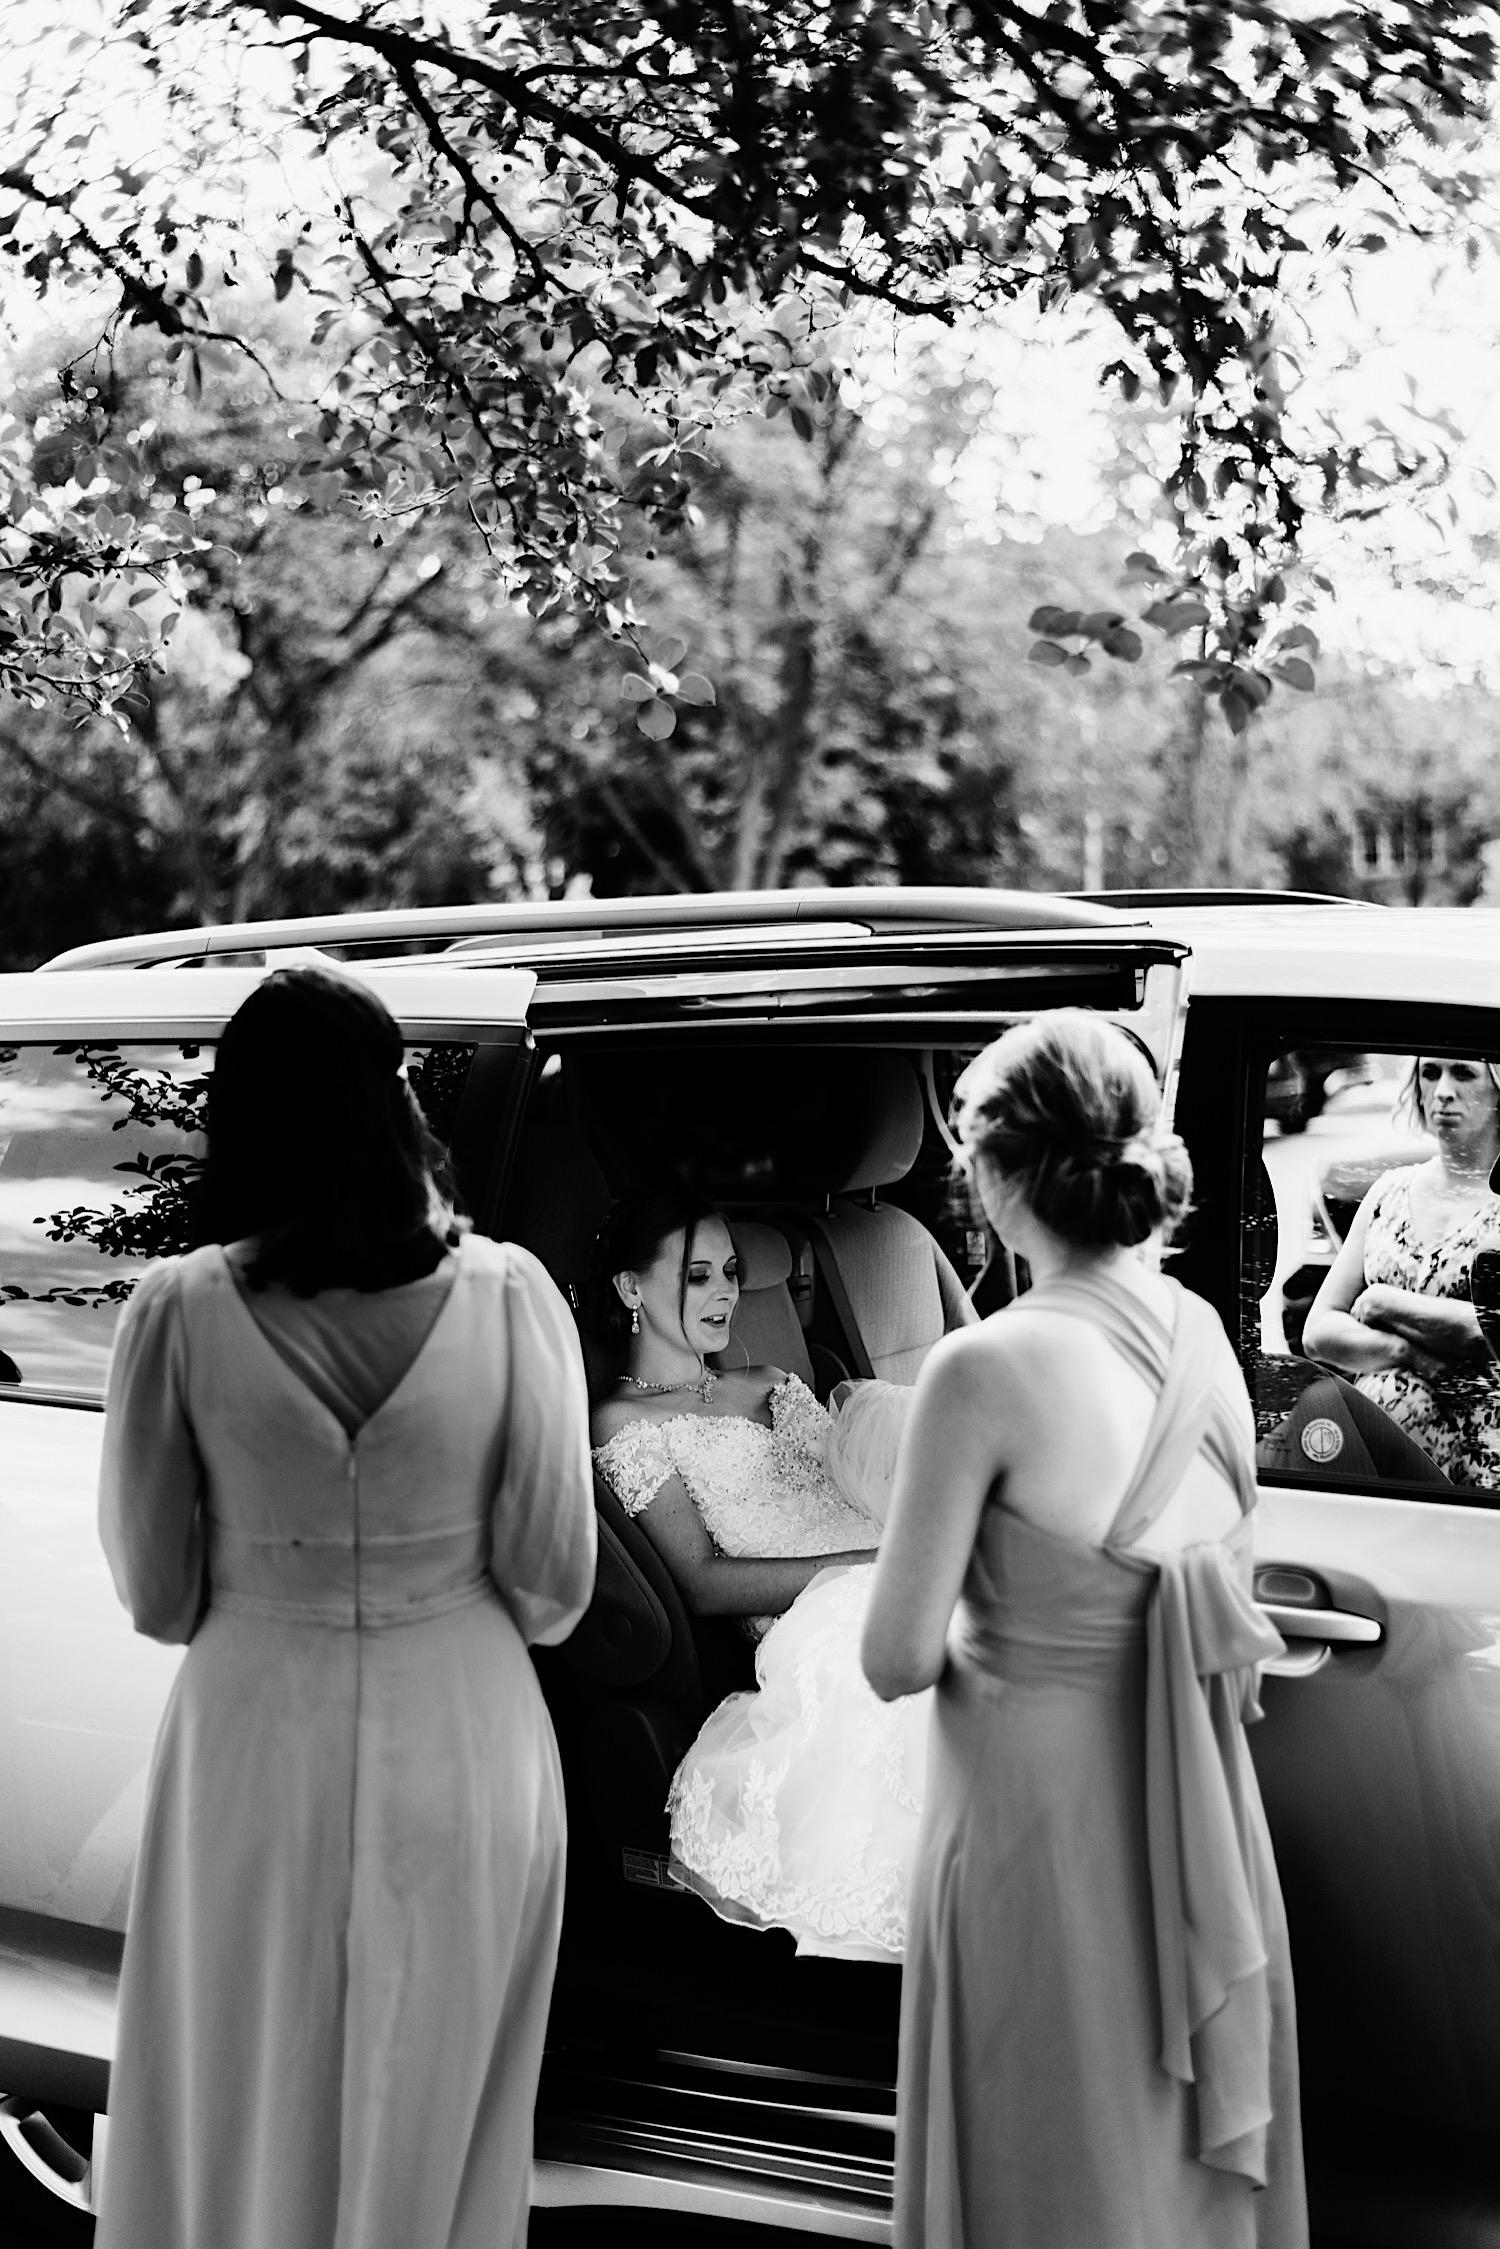 003_Dodd-Hejnar-Riverside-Reception-Geneva-Illinois-Wedding_0004.jpg